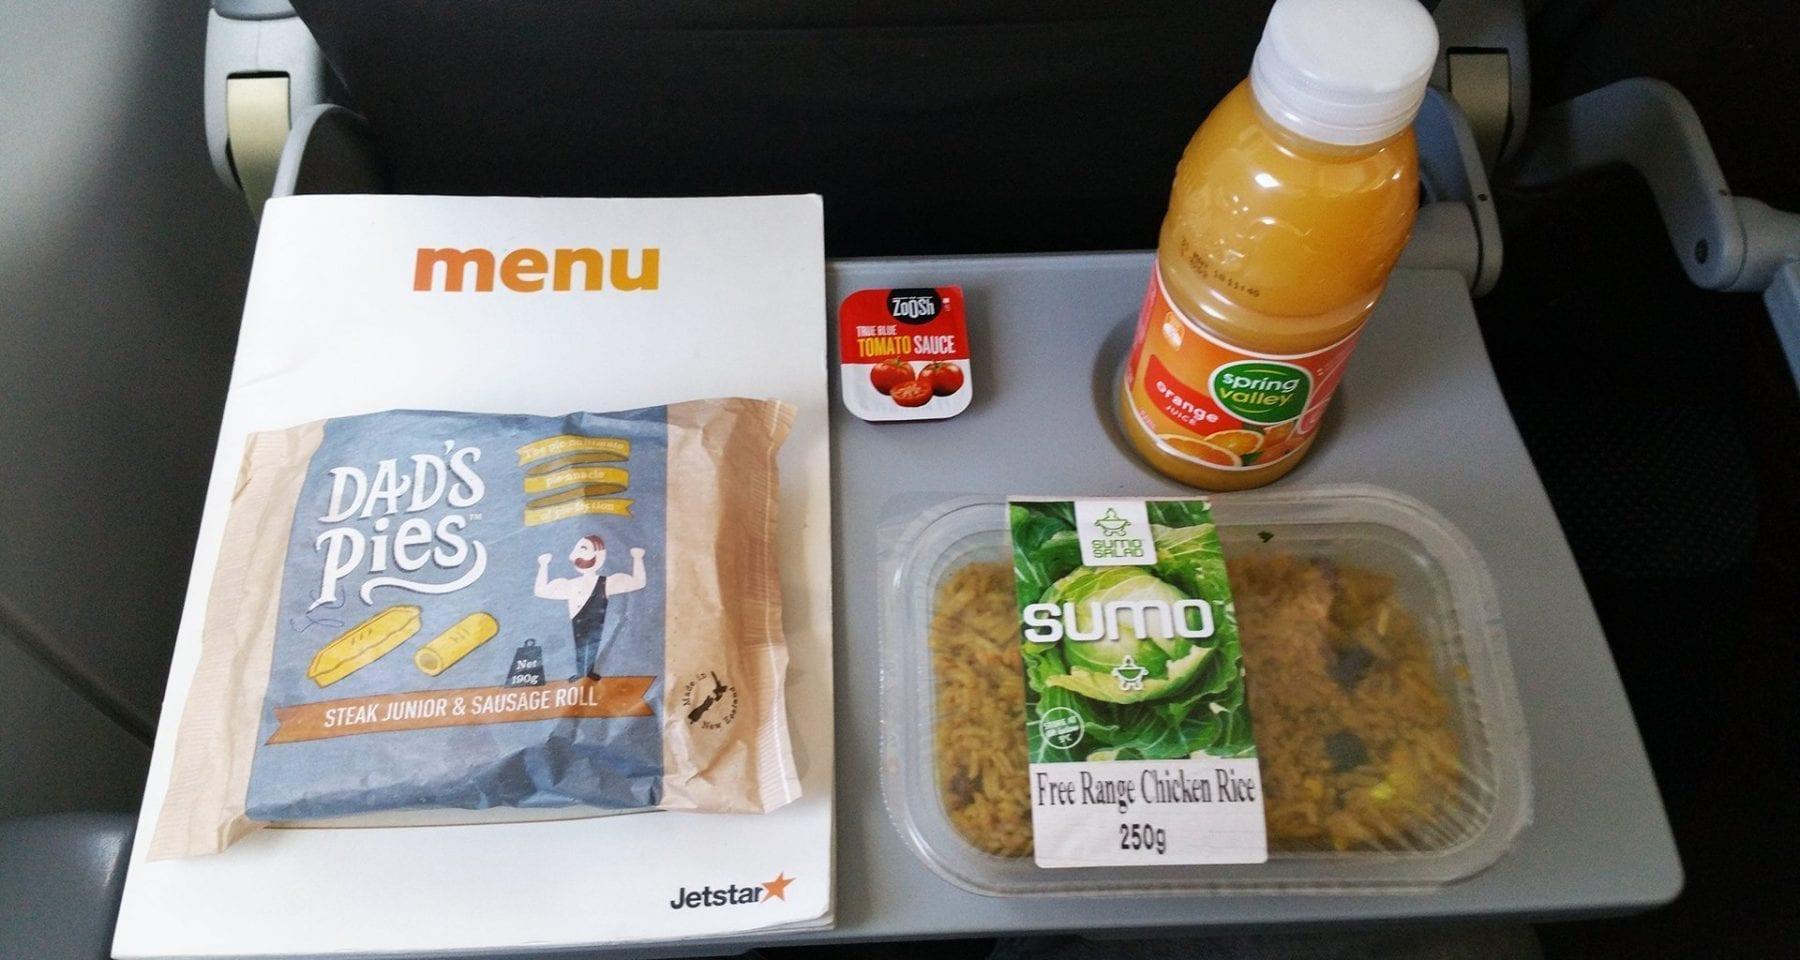 Jetstar inflight meals